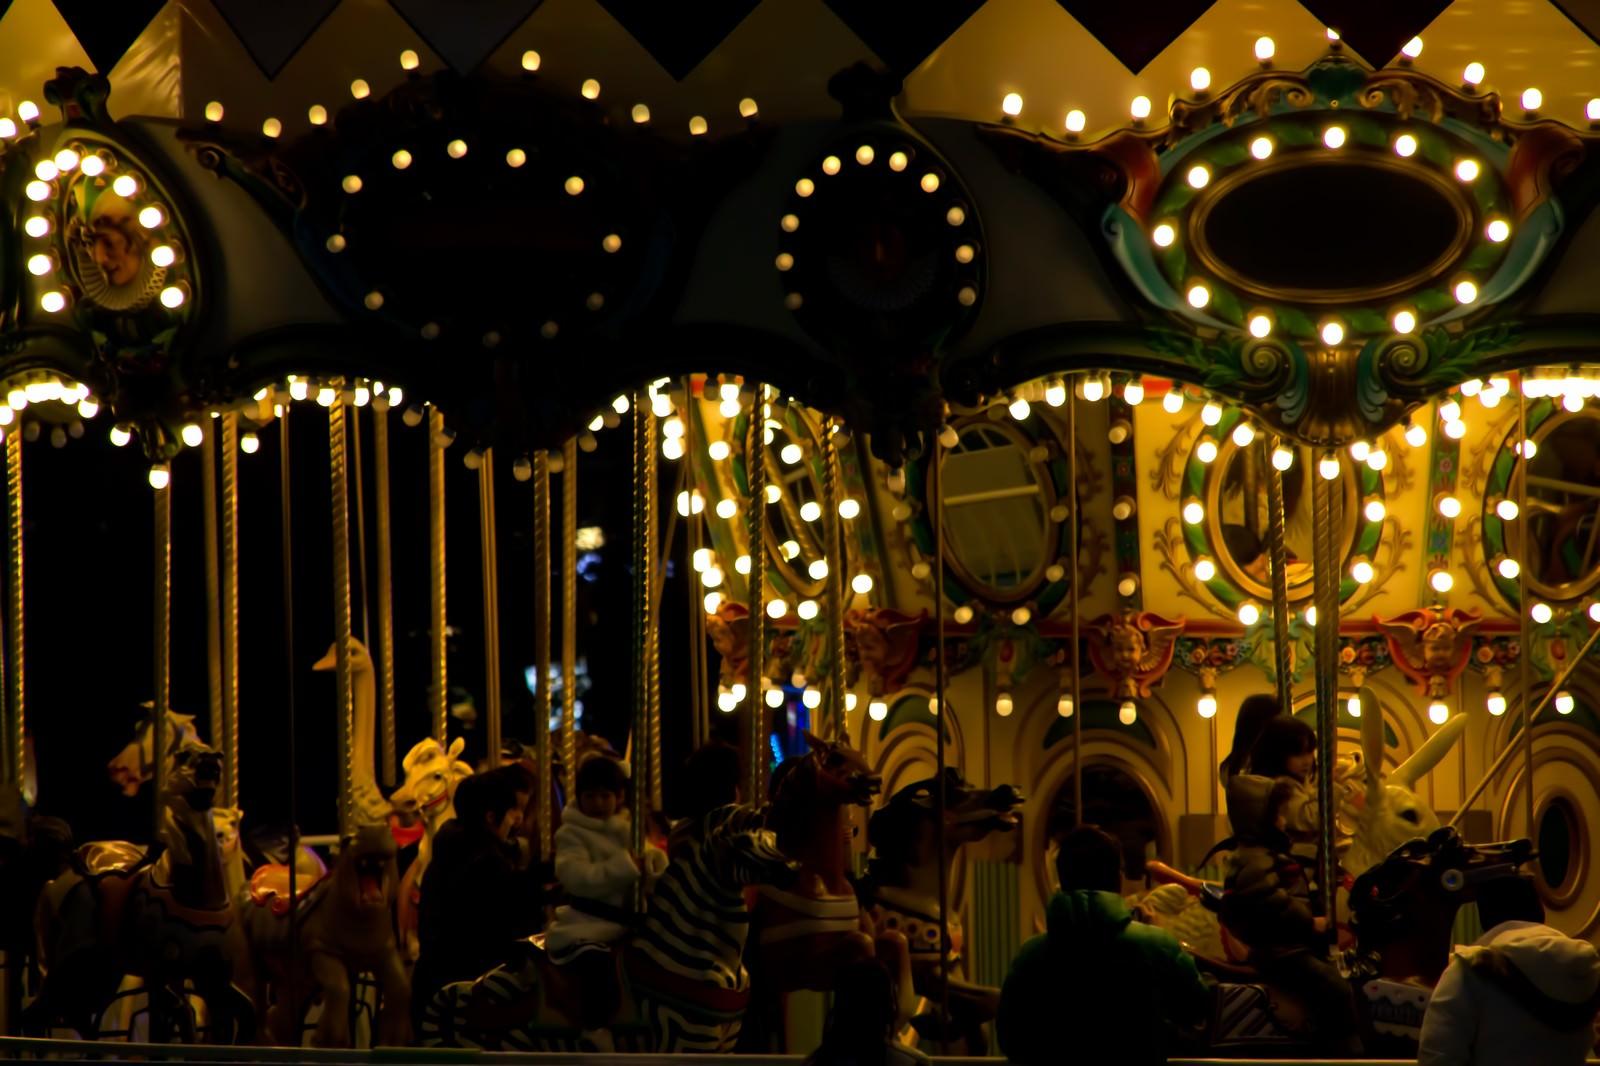 「ライトアップされるメリーゴーランド」の写真